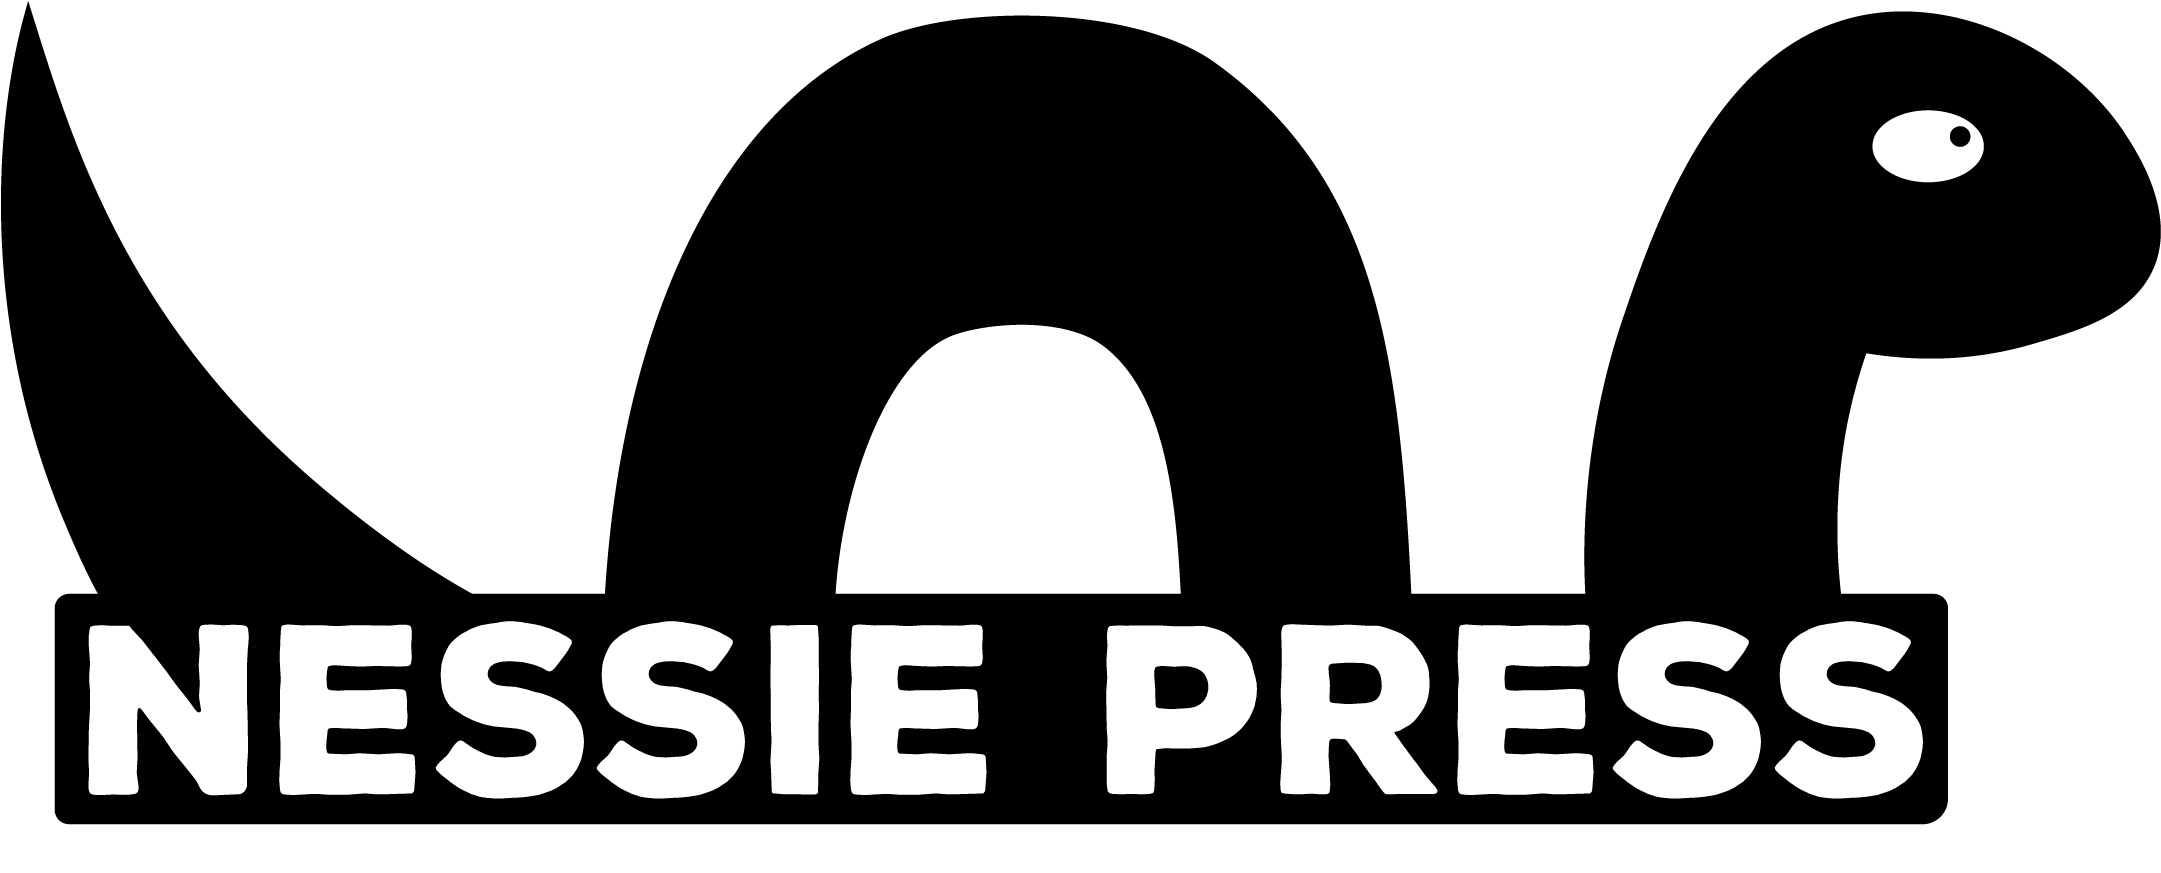 Nessie_Letters_Black.jpg